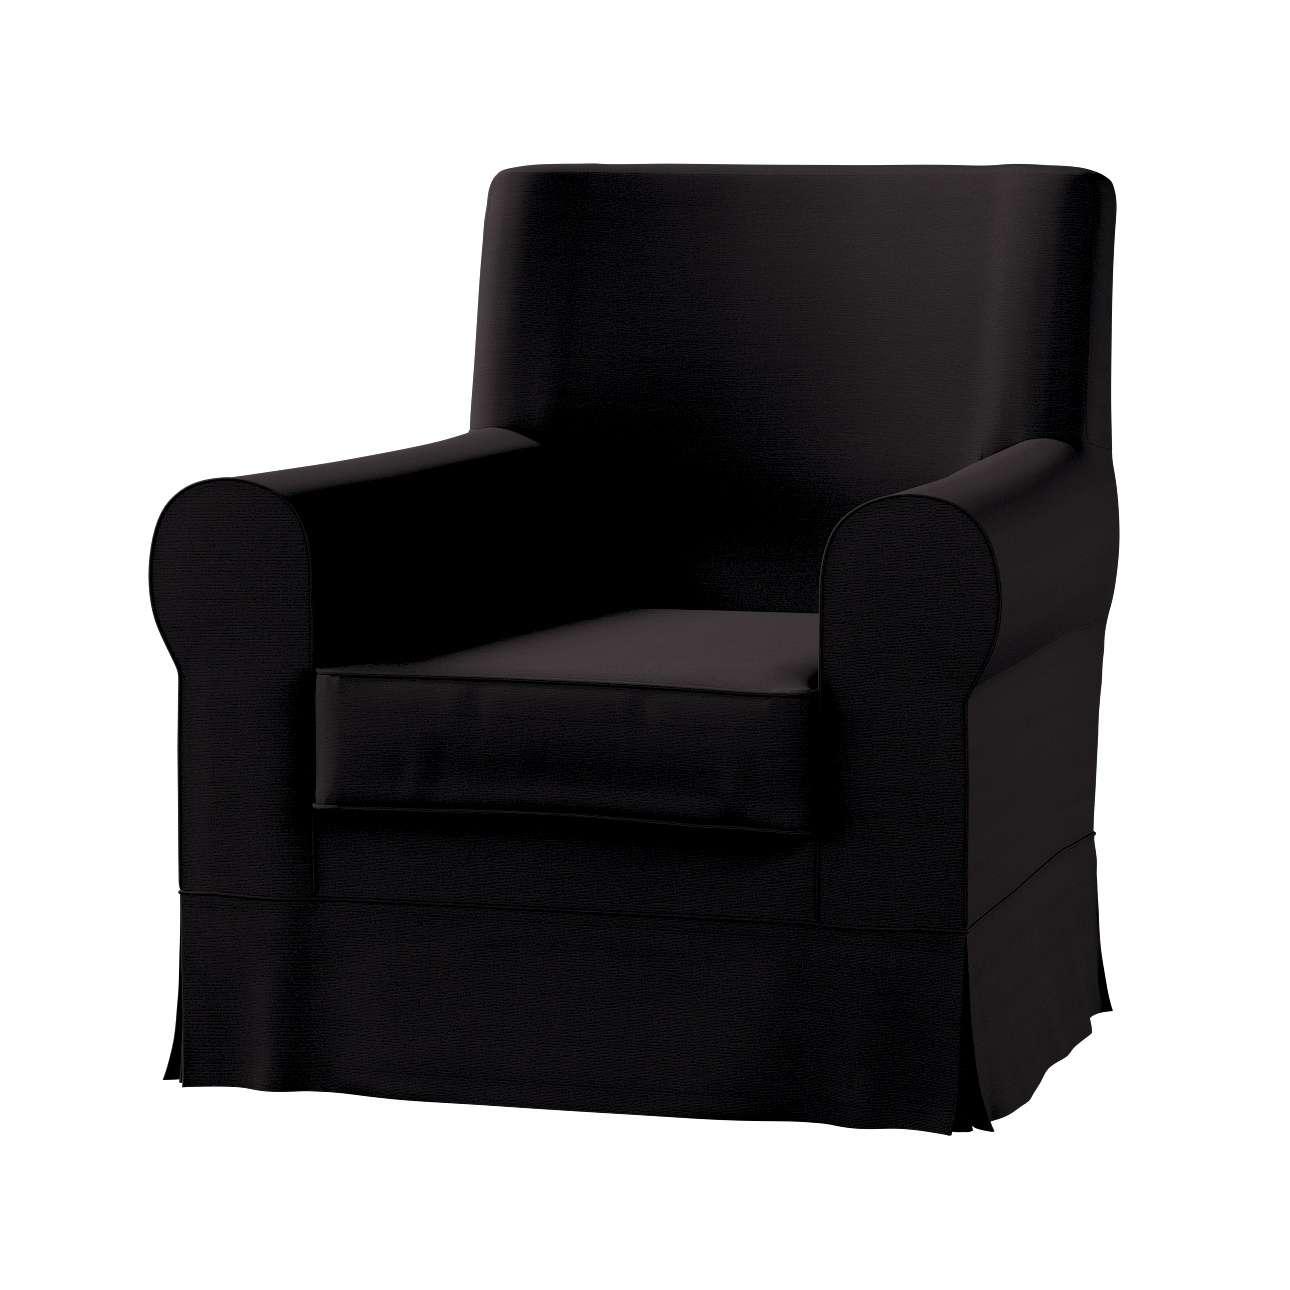 Pokrowiec na fotel Ektorp Jennylund Fotel Ektorp Jennylund w kolekcji Cotton Panama, tkanina: 702-08